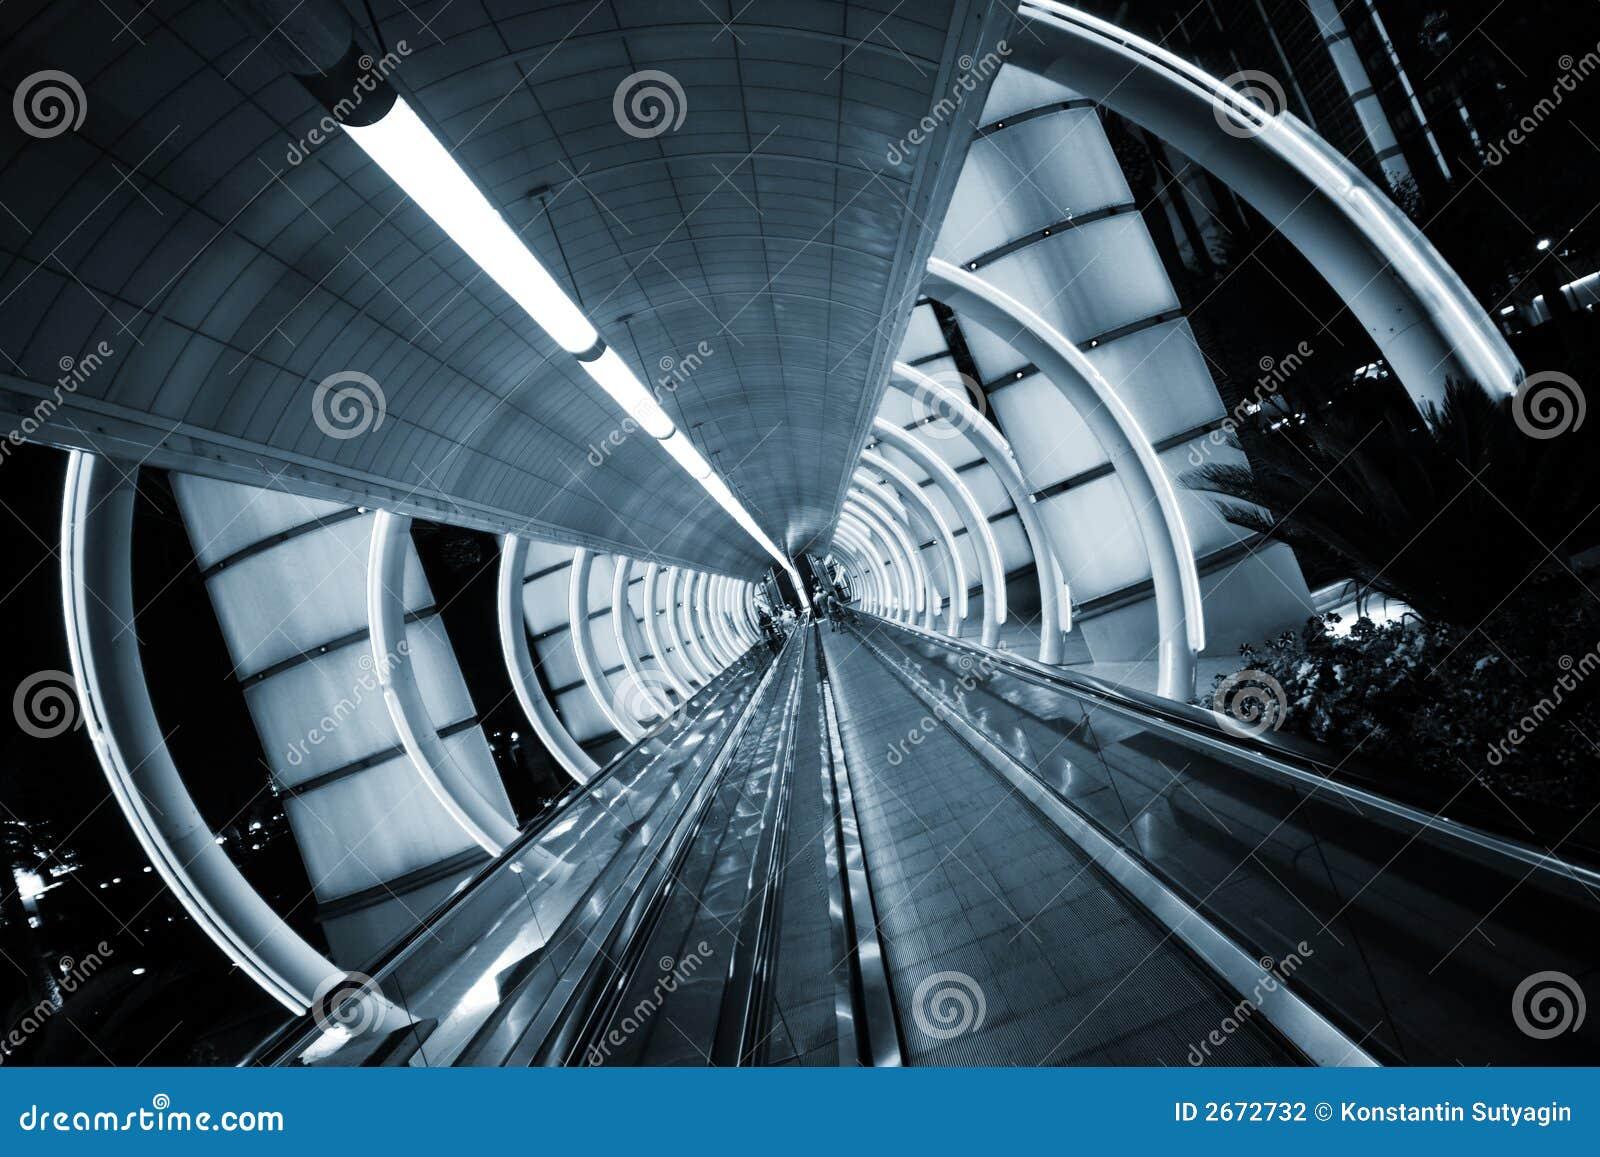 Futuristische architektur stockfoto bild von kurven modern 2672732 - Futuristische architektur ...